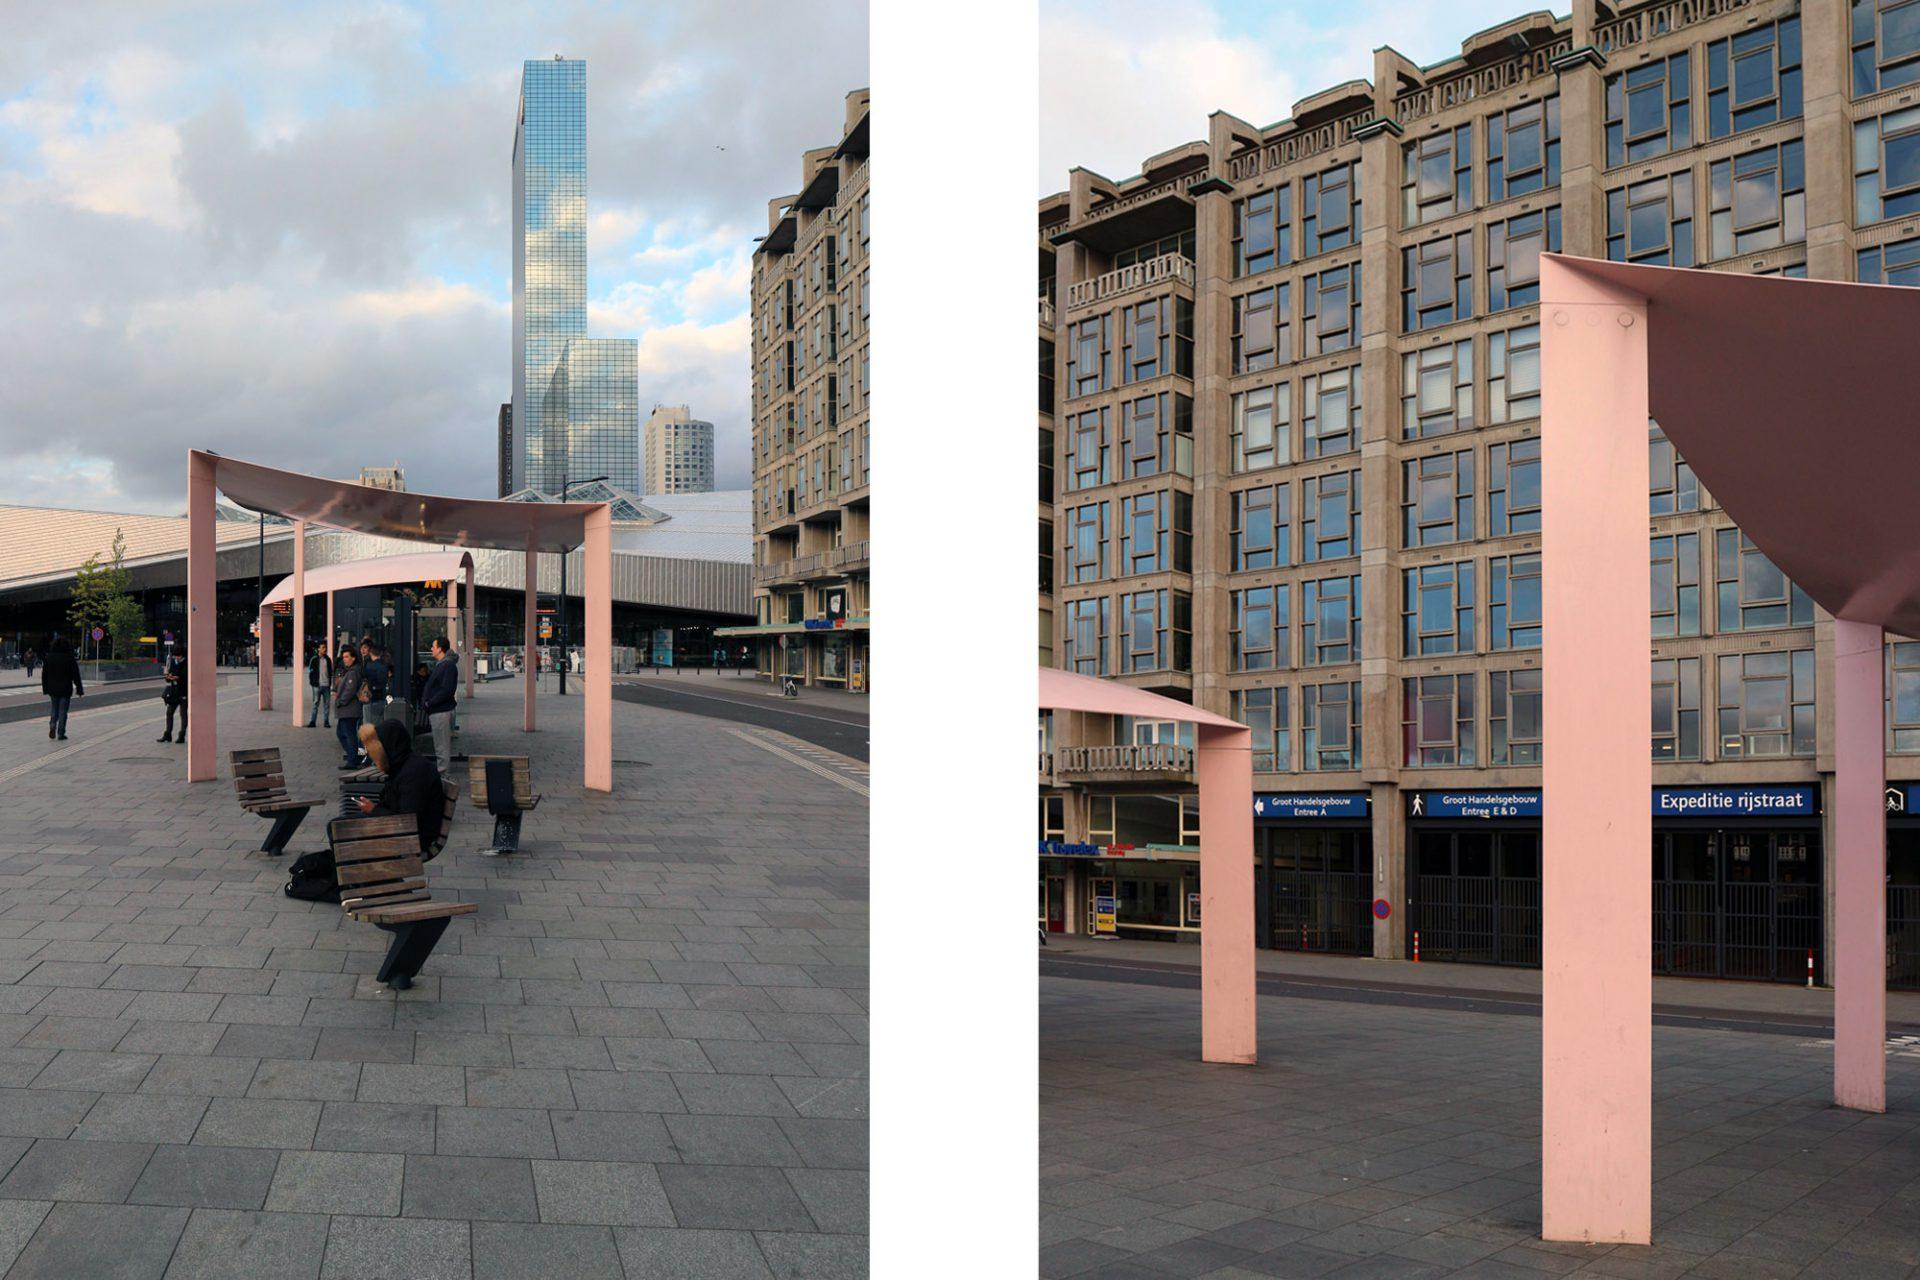 Busstation. Passende Beinamen waren mal wieder schnell gefunden. Die Rotterdamer nennen ihre pastell-pinkigen Bushaltestellen liebevoll: Kissen oder Hängematte.